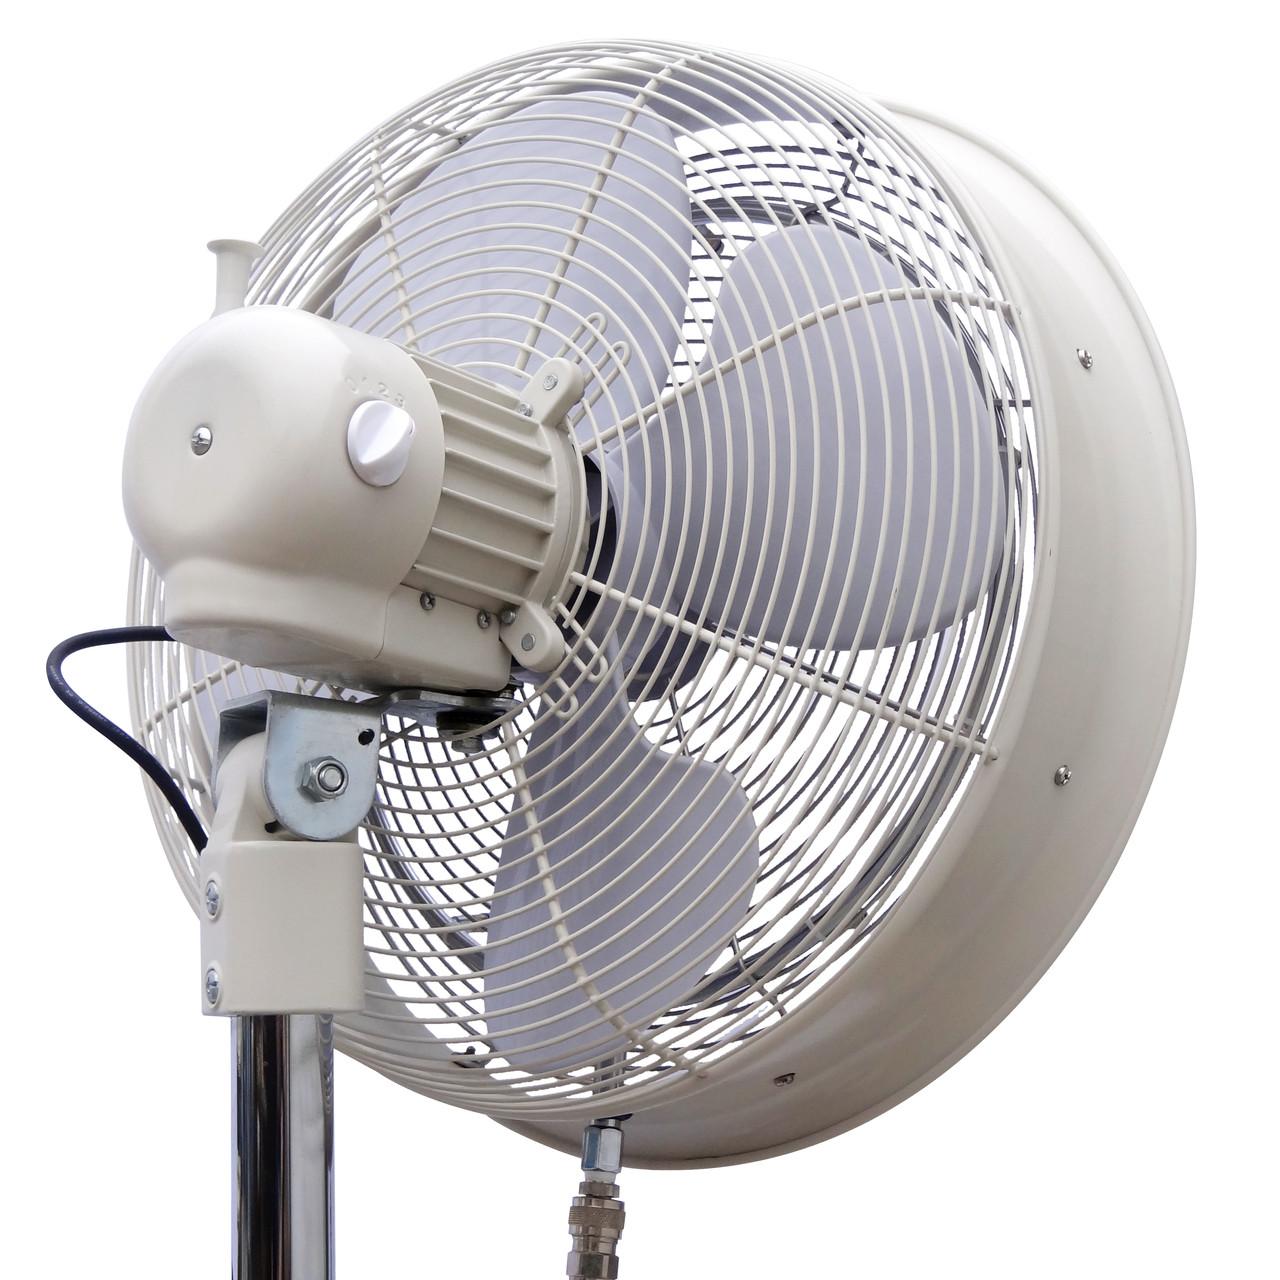 rear angle view of fan